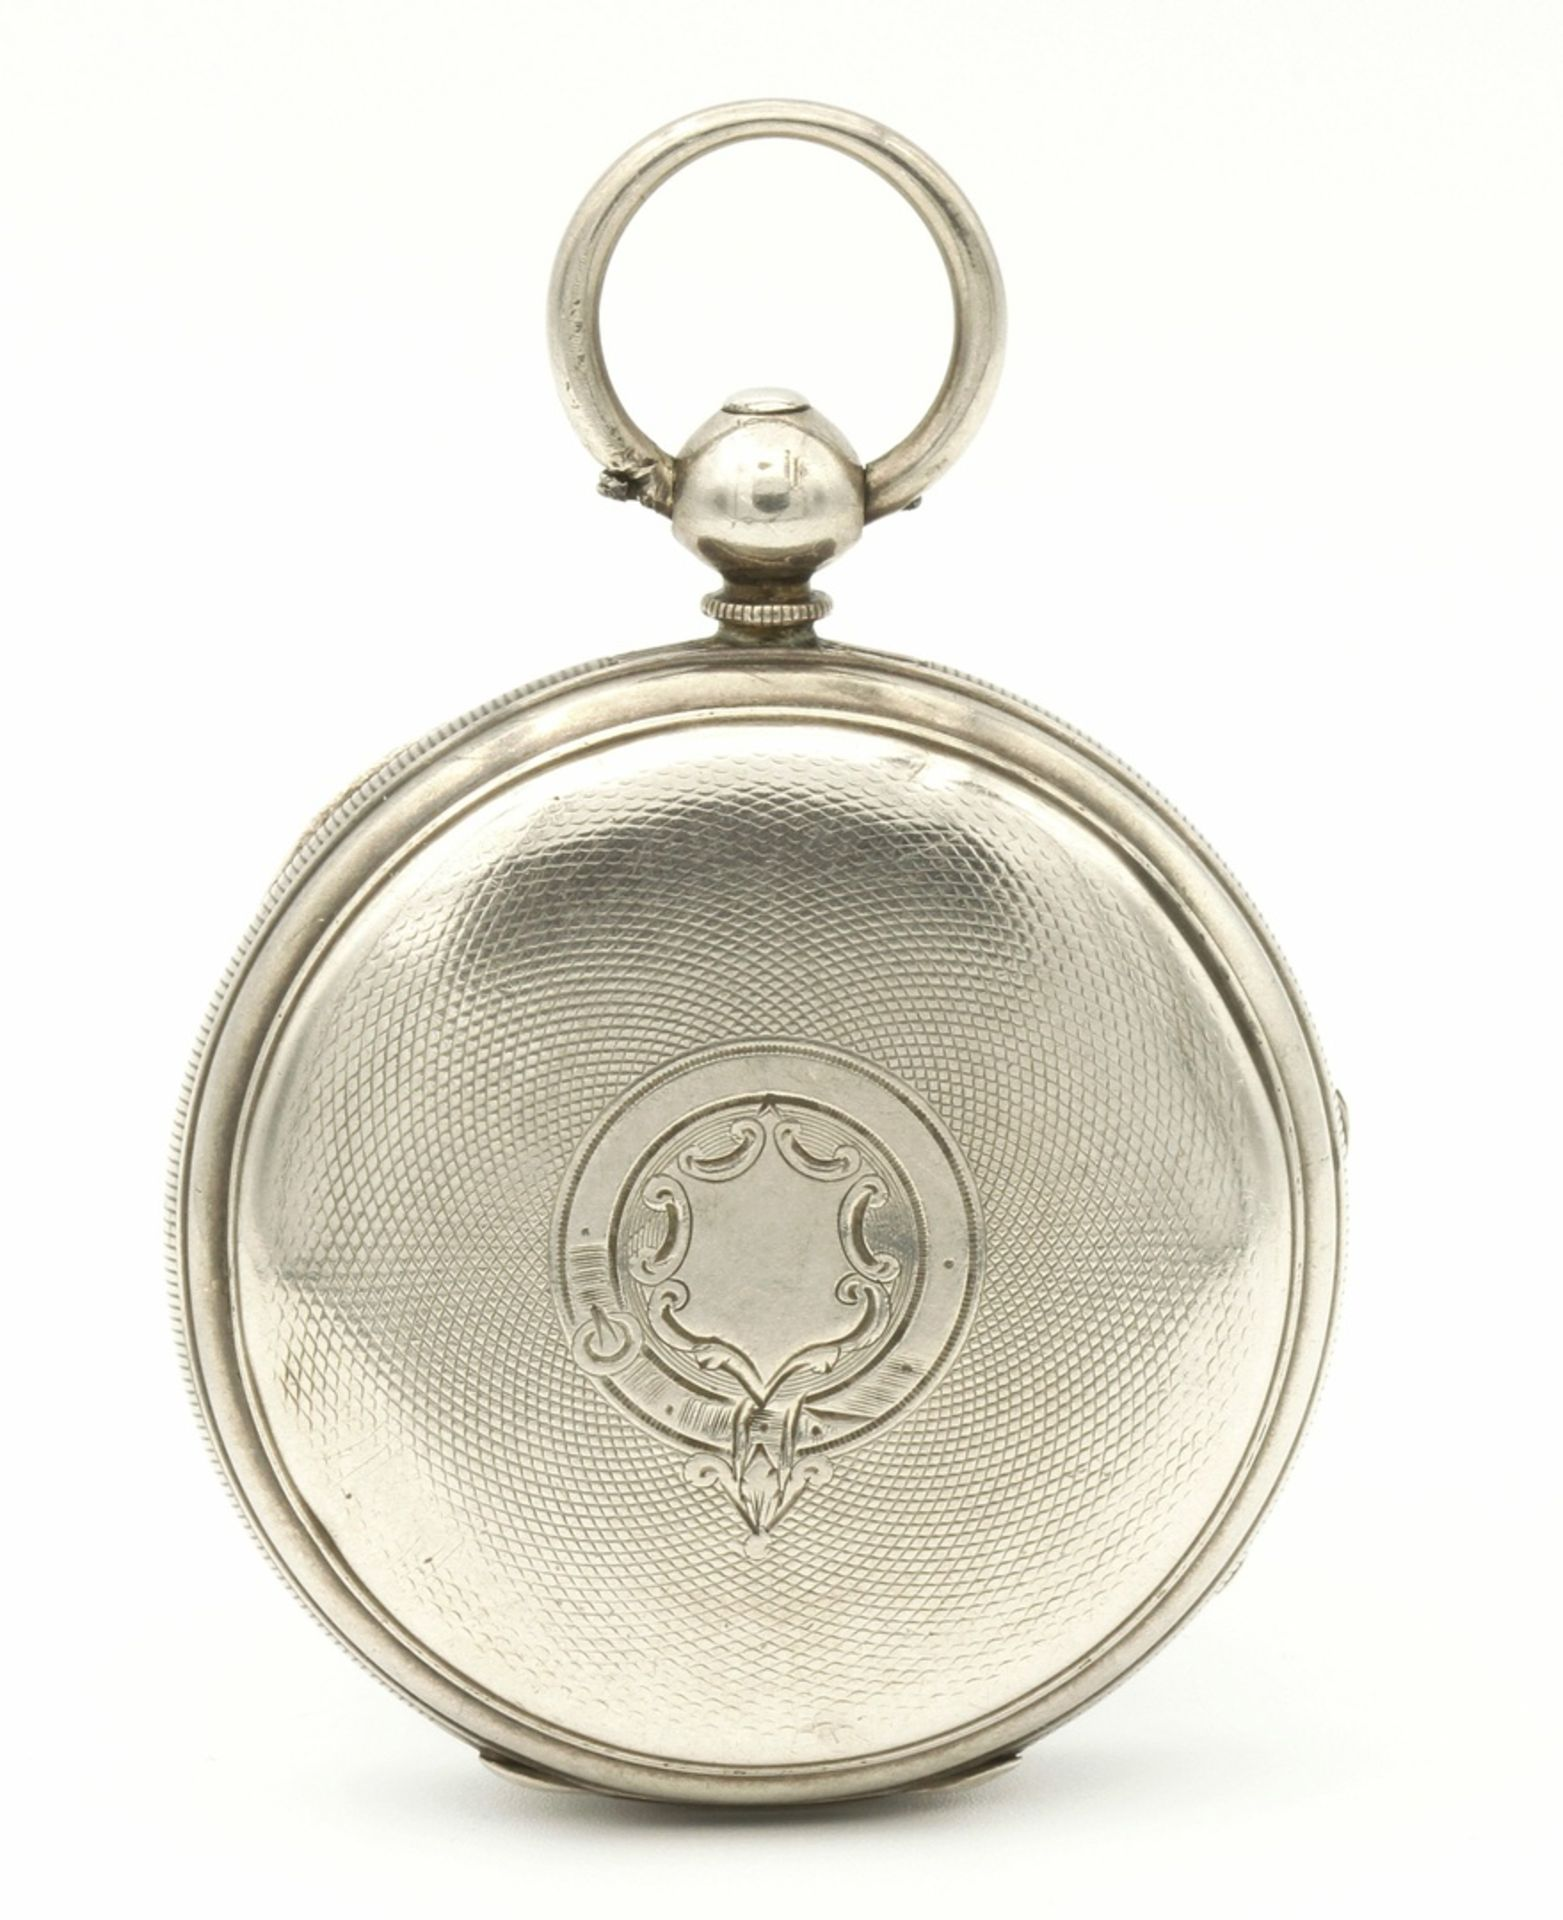 Aufwendig verzierte englische Silbertaschenuhr, um 1870 - Bild 5 aus 7